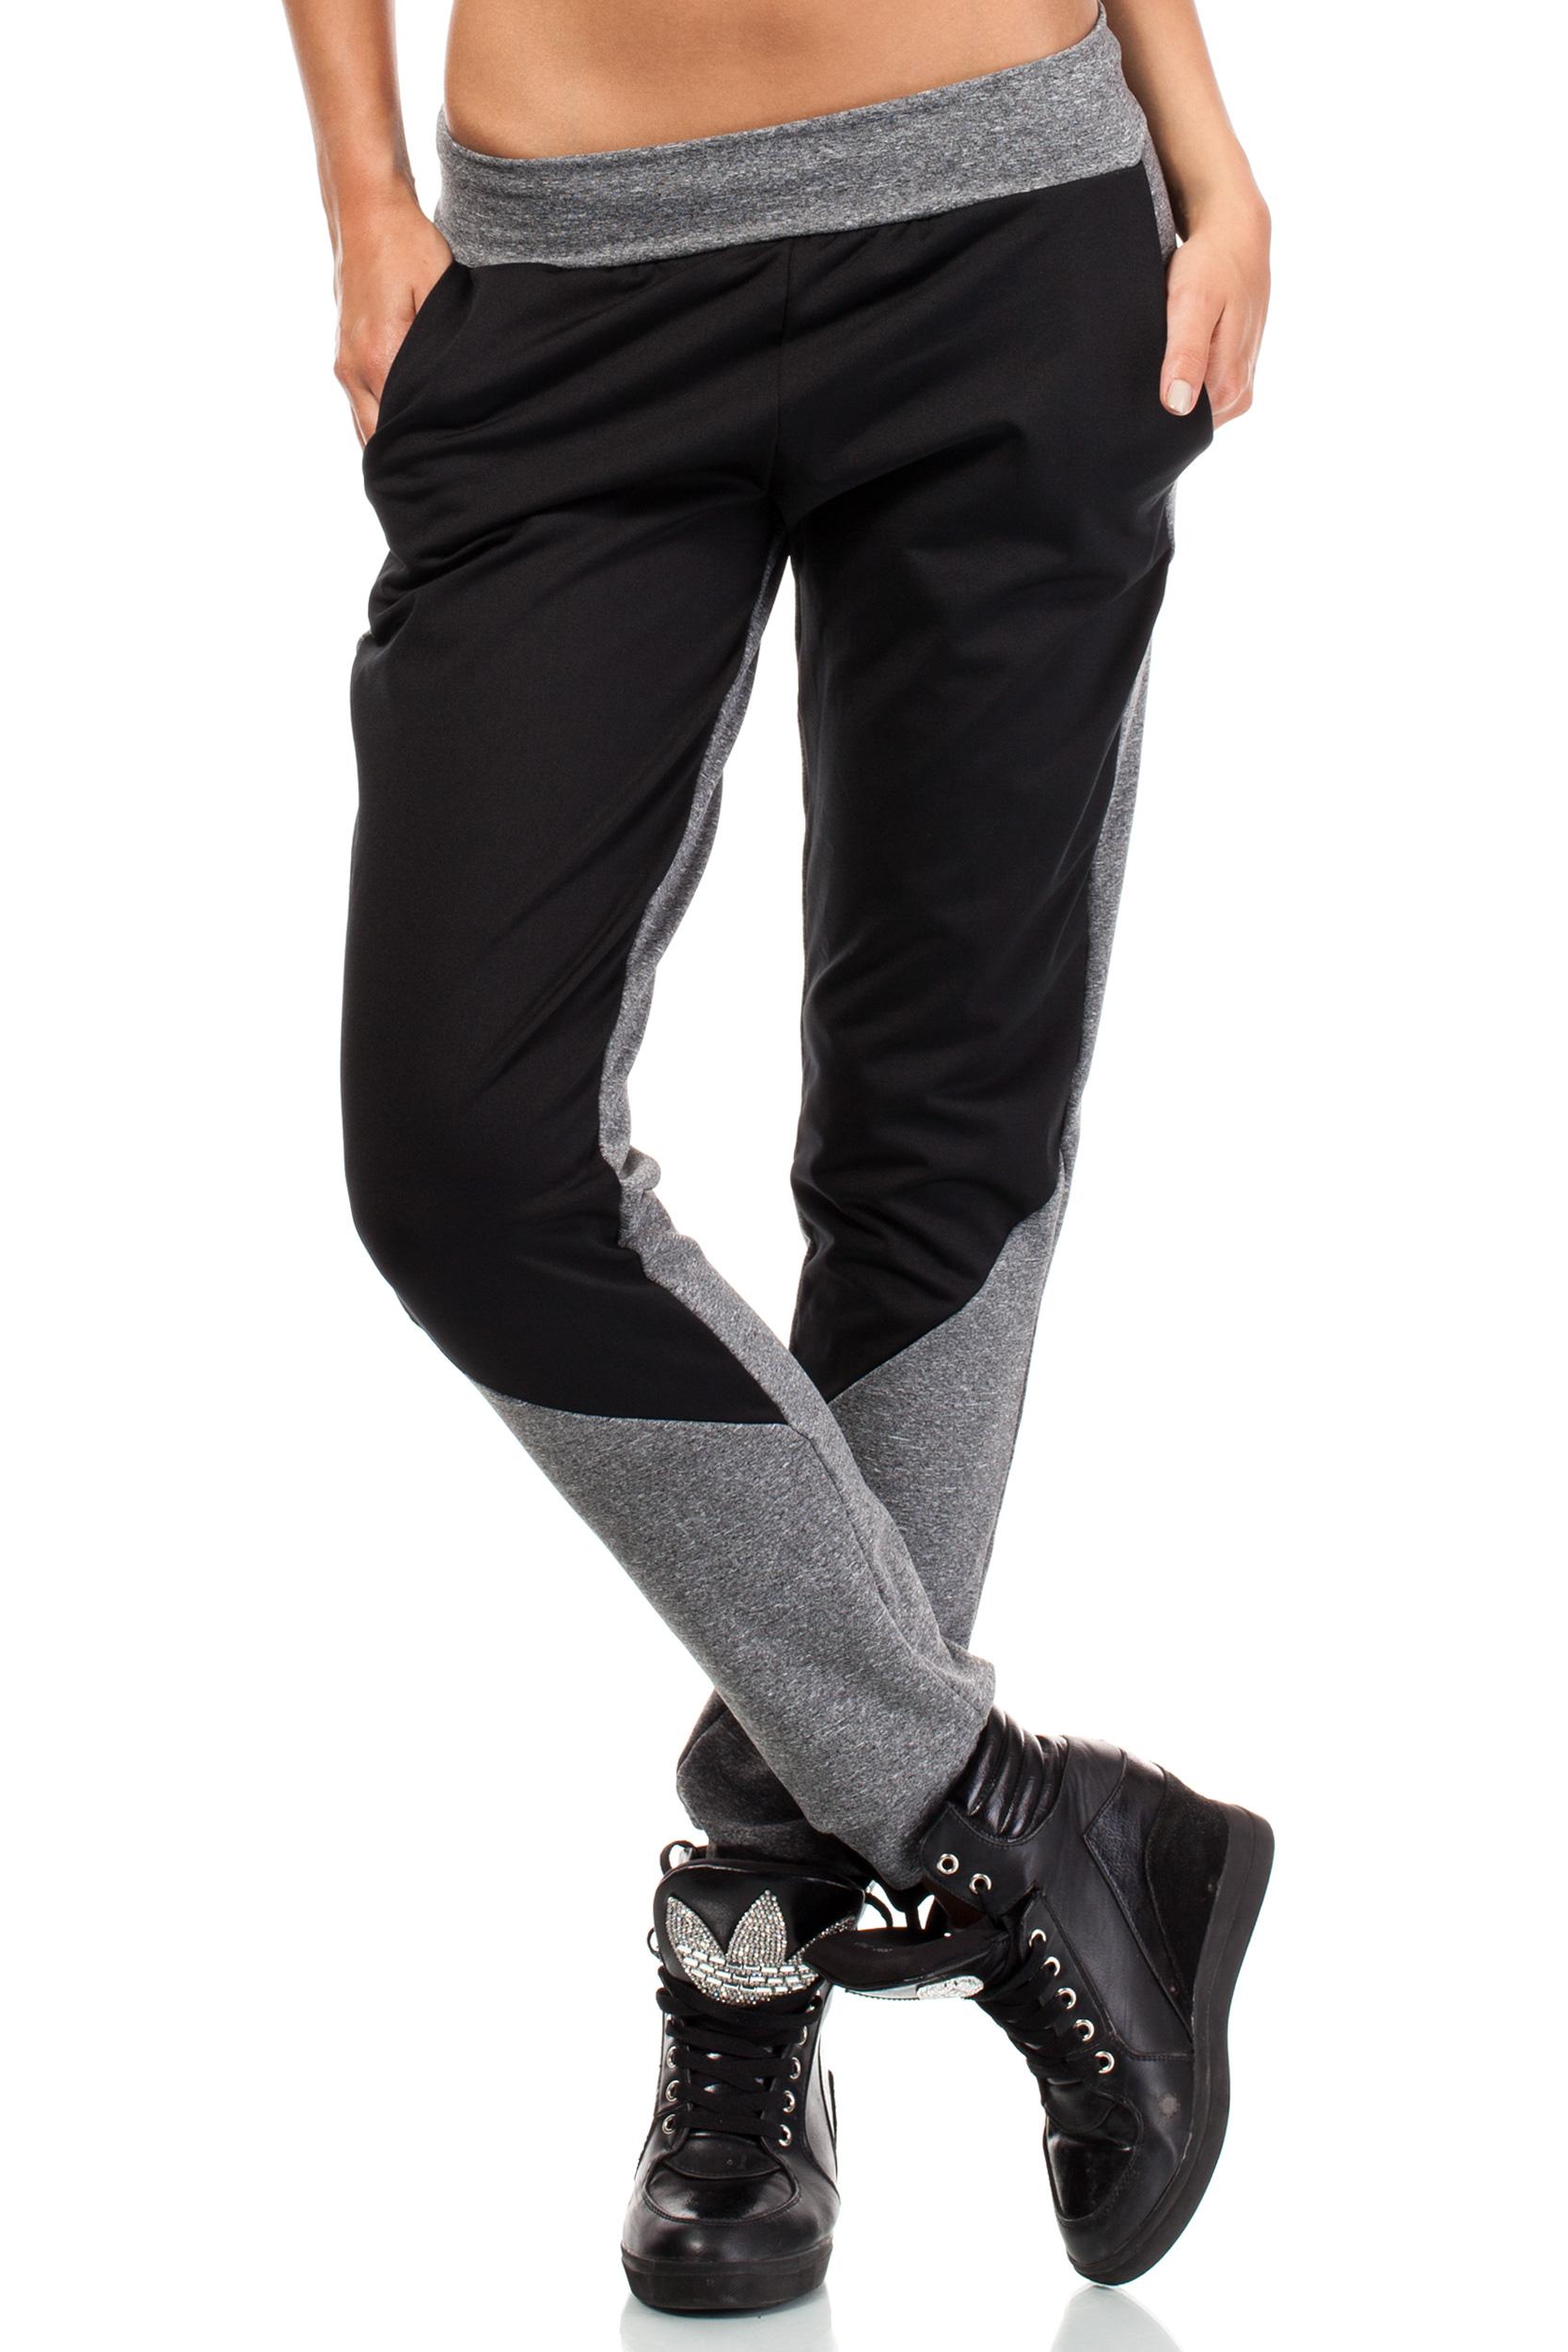 CM1844 Dwukolorowe sportowe spodnie damskie - model 1